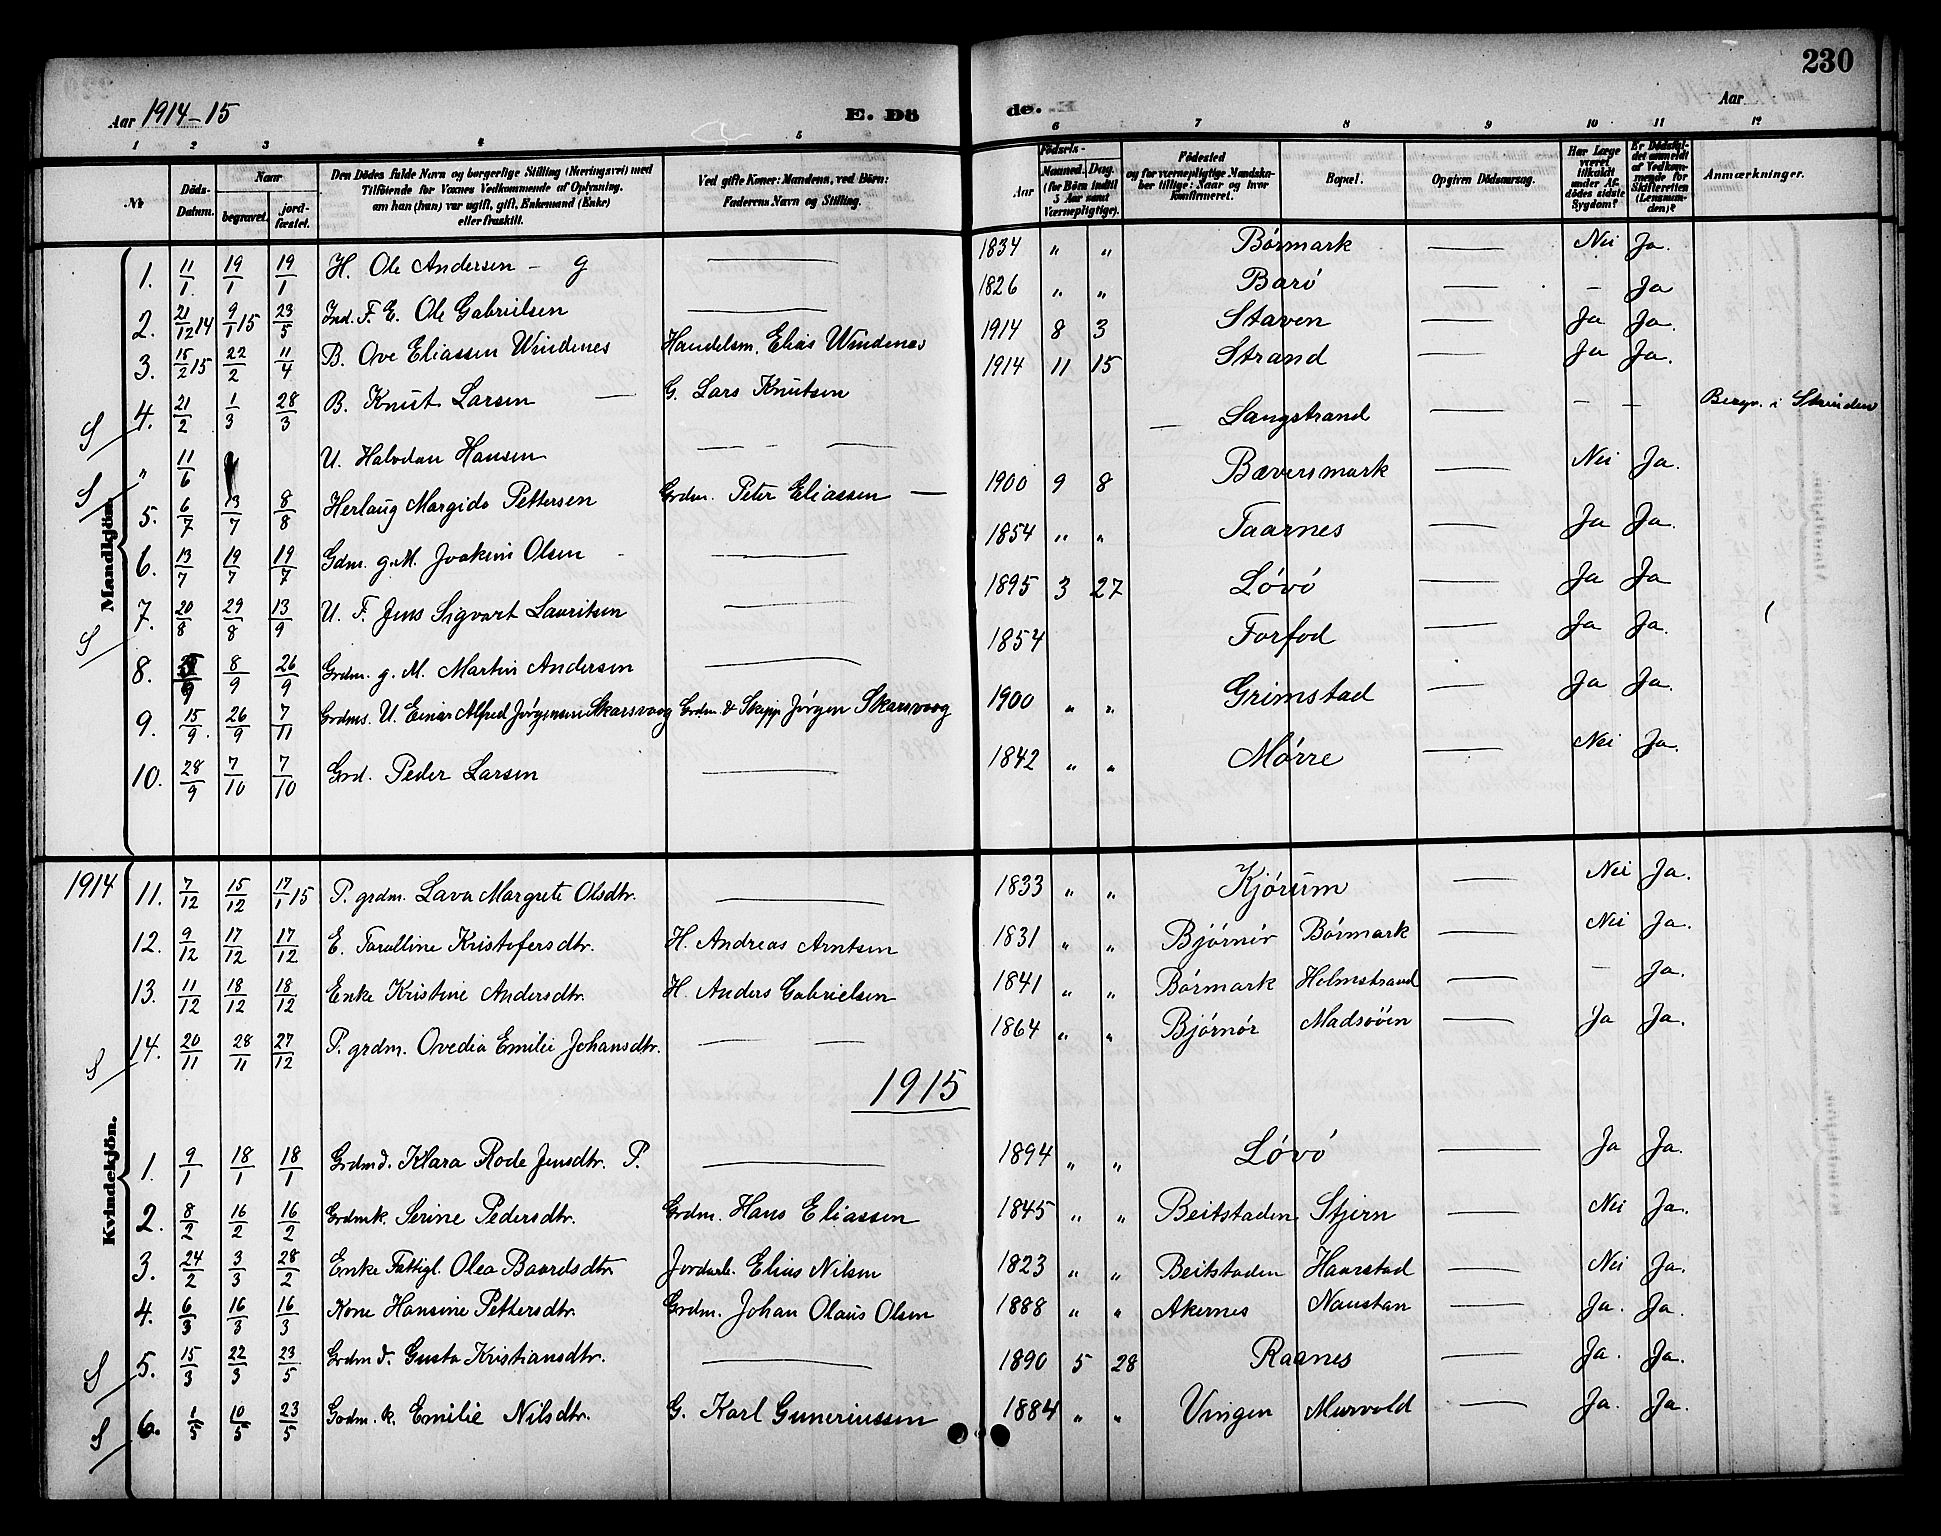 SAT, Ministerialprotokoller, klokkerbøker og fødselsregistre - Sør-Trøndelag, 655/L0688: Klokkerbok nr. 655C04, 1899-1922, s. 230